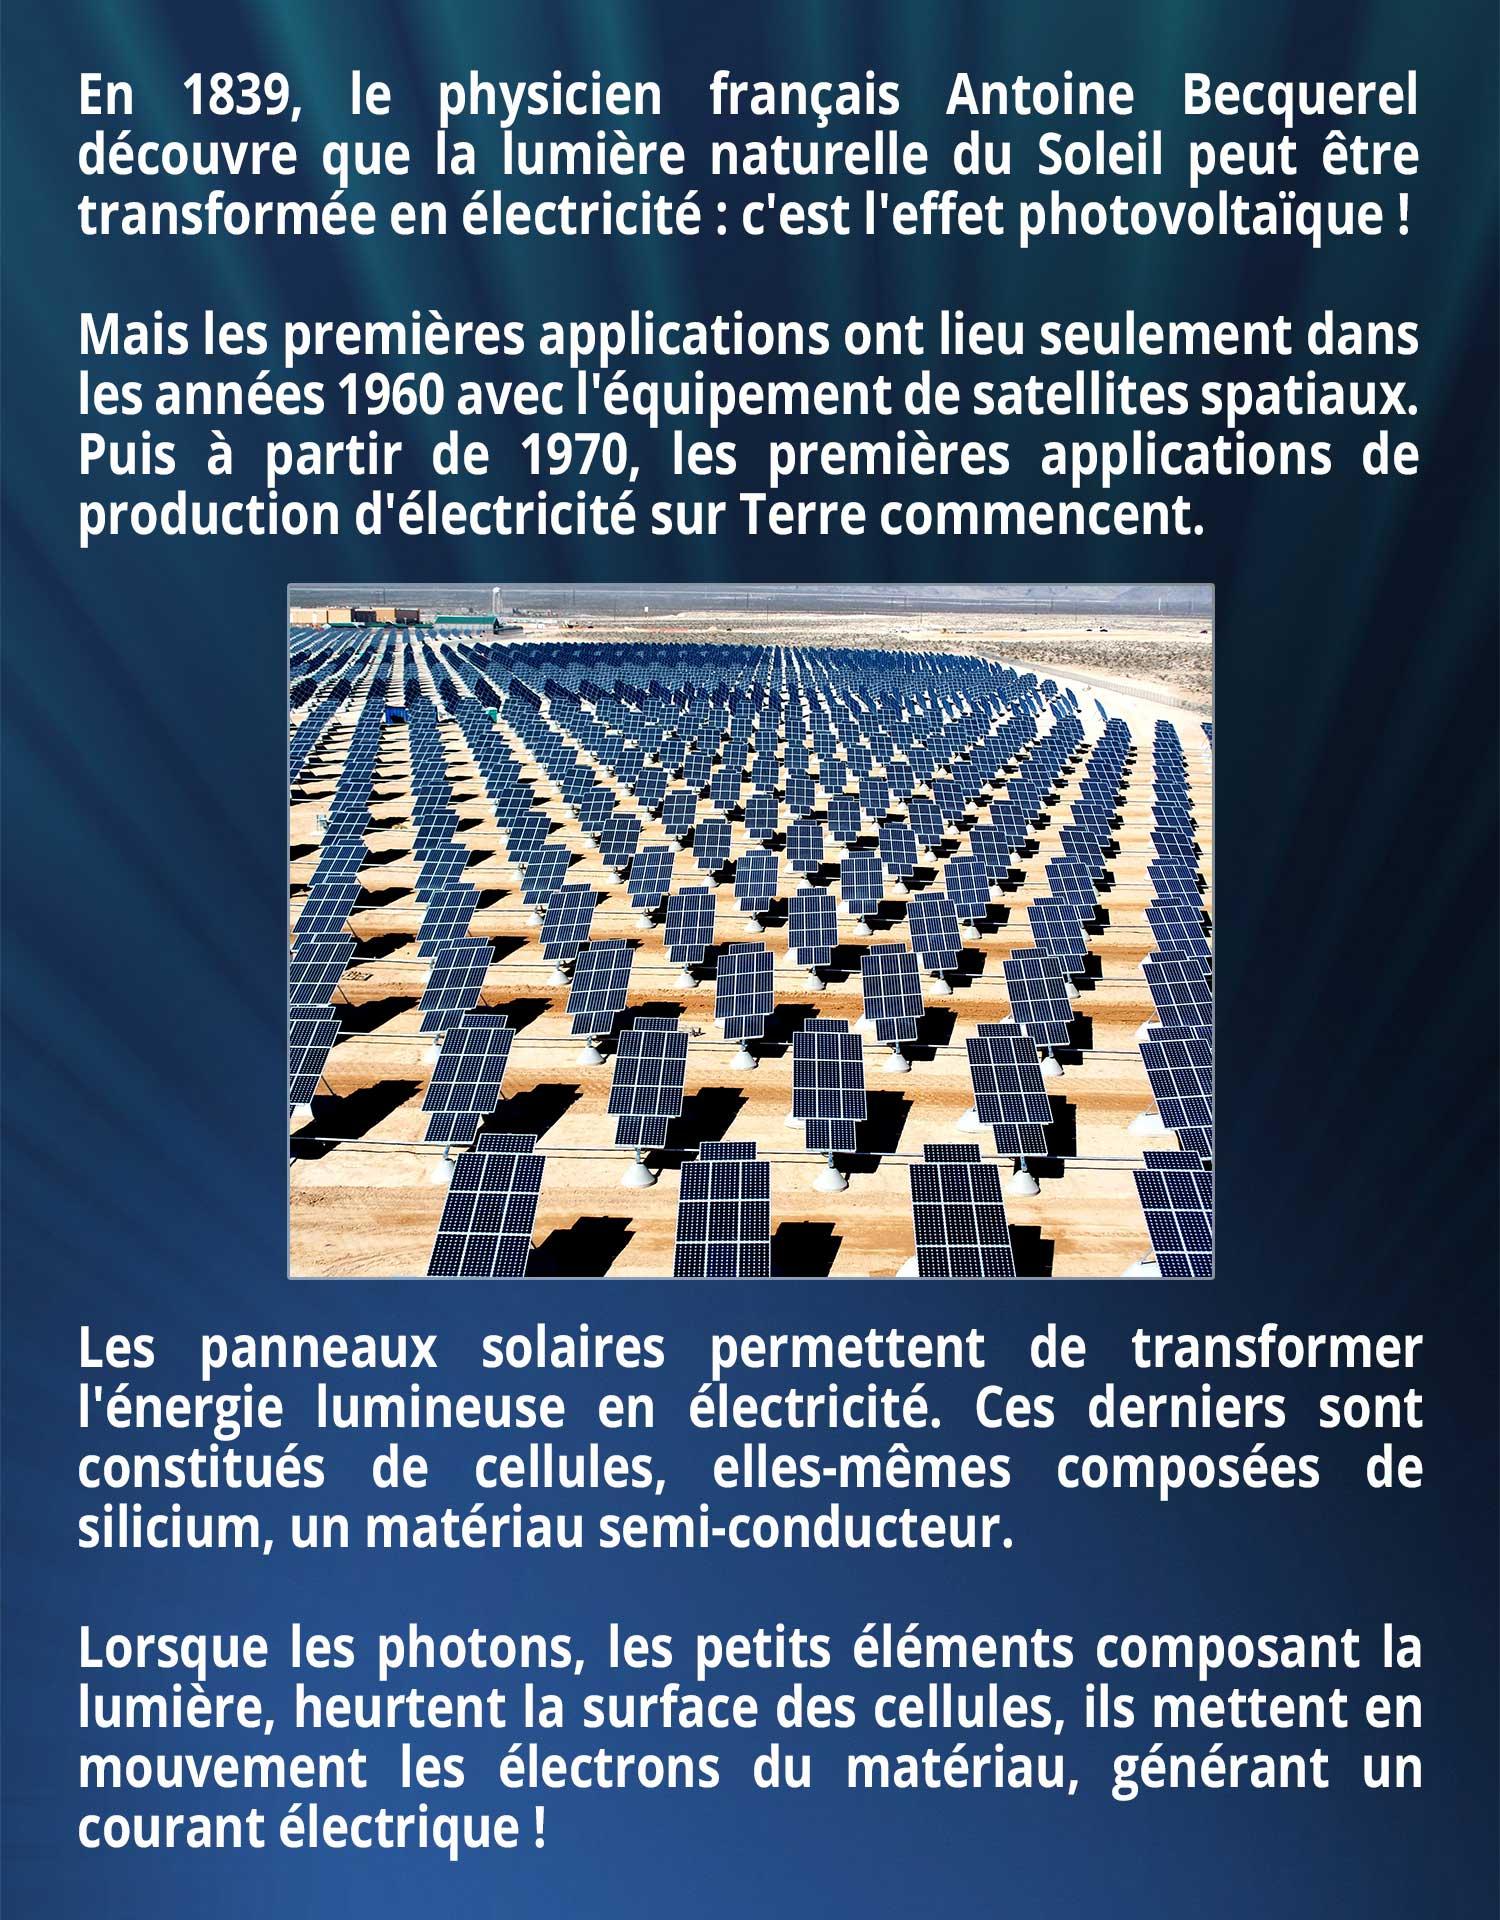 En 1839, le physicien français Antoine Becquerel découvre que la lumière naturelle du Soleil peut être transformée en électricité : c'est l'effet photovoltaïque ! Mais les premières applications ont lieu seulement dans les années 1960 avec l'équipement de satellites spatiaux. Puis à partir de 1970, les premières applications de production d'électricité sur Terre commencent. Les panneaux solaires permettent de transformer l'énergie lumineuse en électricité. Ces derniers sont constitués de cellules, elles-mêmes composées de silicium, un matériau semi-conducteur. Lorsque les photons, les petits éléments composant la lumière, heurtent la surface des cellules, ils mettent en mouvement les électrons du matériau, générant un courant électrique !